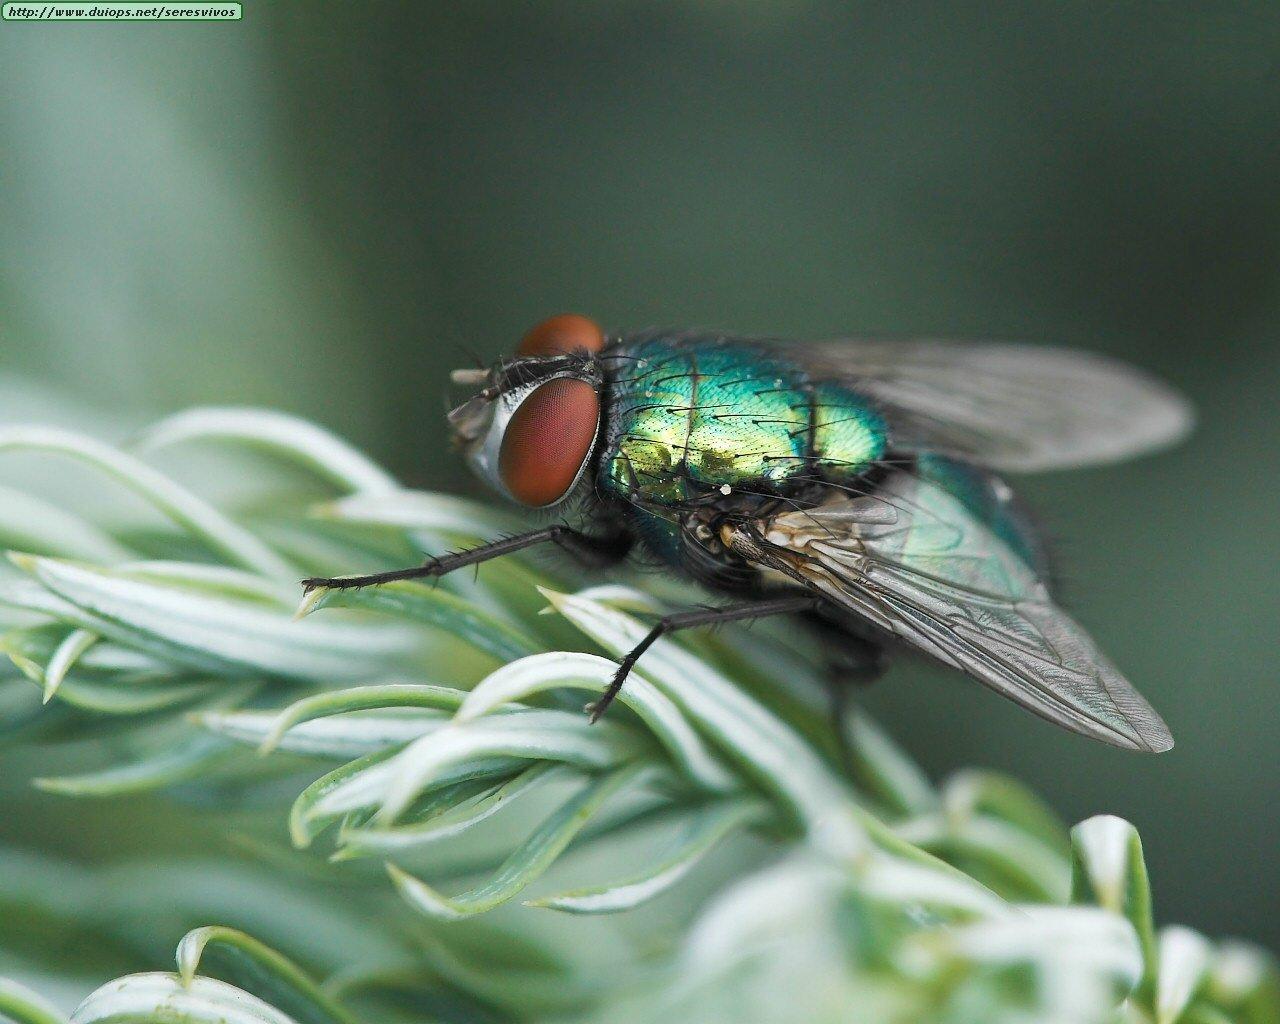 Megapost fotografias de insectos hd taringa - Insectos en casa fotos ...